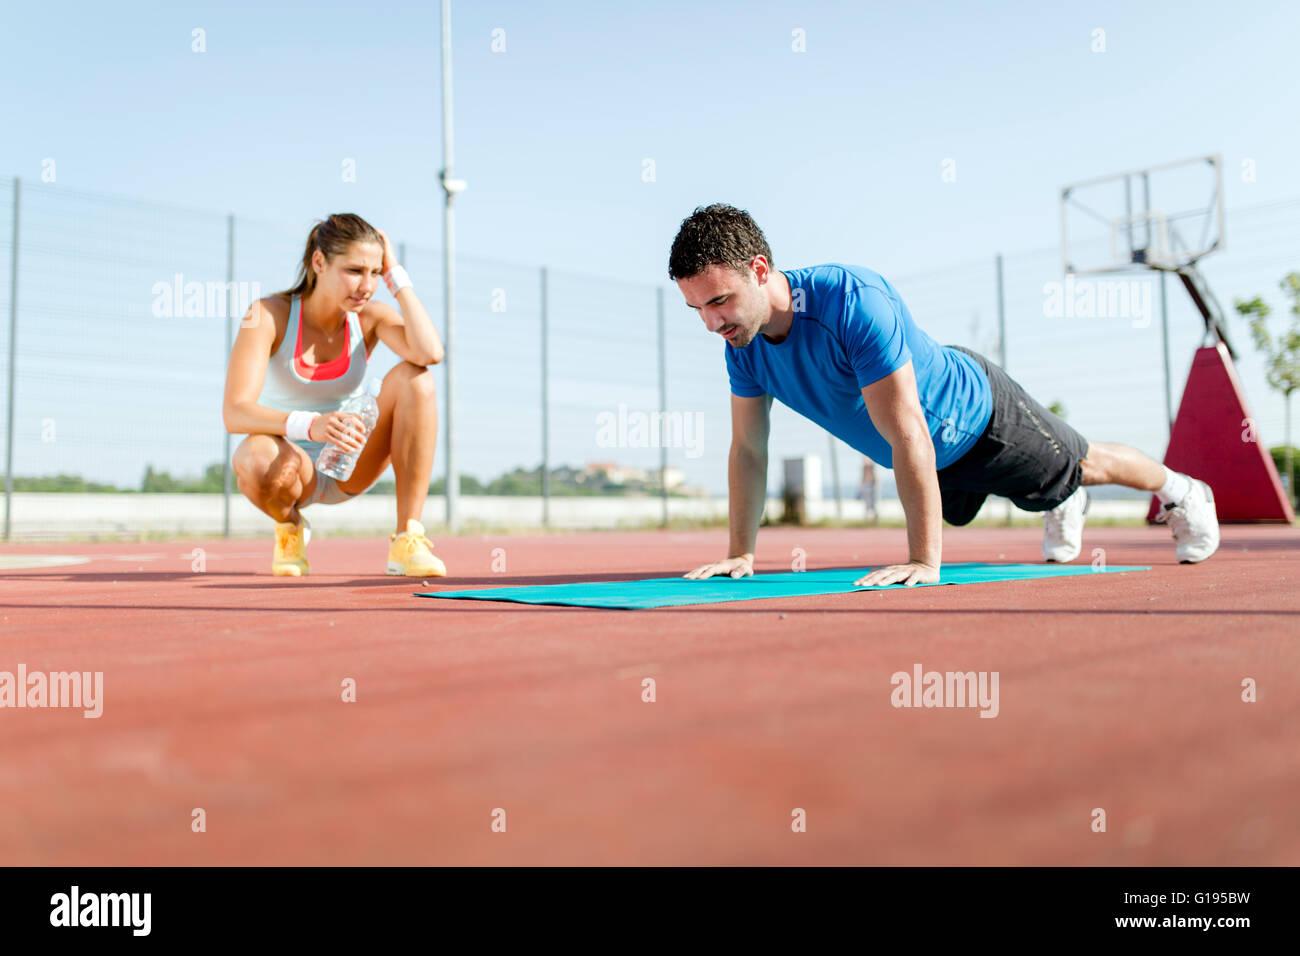 Jeune, belle, en forme et en bonne santé l'entraîneur personnel comptant push-ups et motivant Banque D'Images